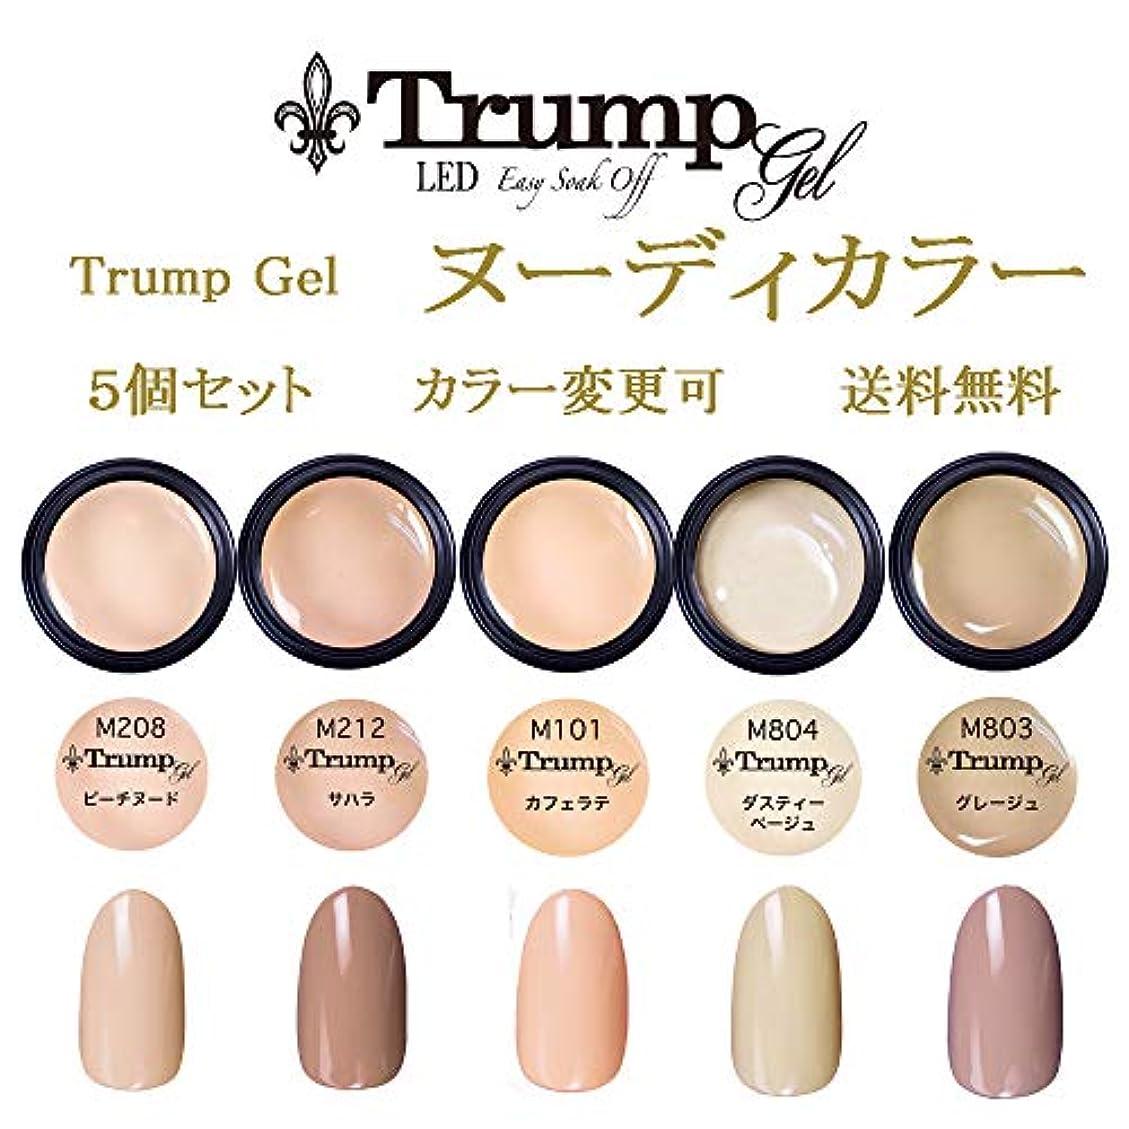 割り込み消去バナー日本製 Trump gel トランプジェル ヌーディカラー 選べる カラージェル 5個セット ベージュ ブラウン ピンク